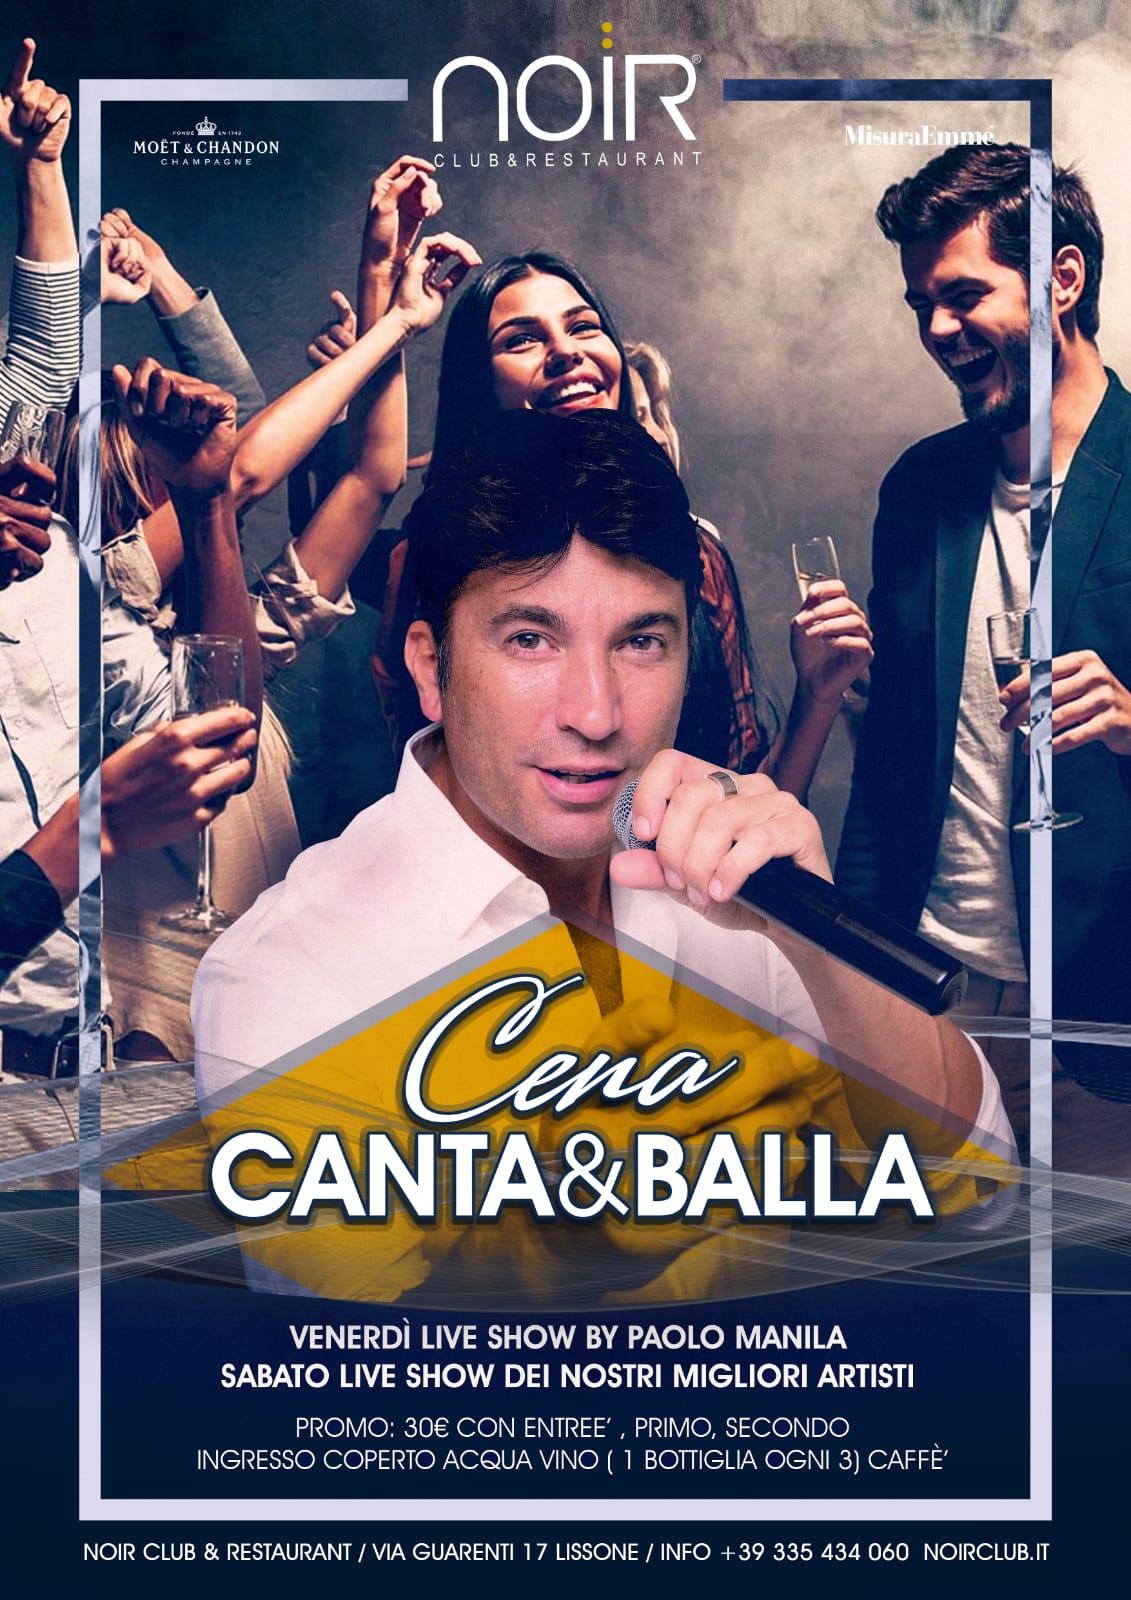 cena spettacolo Canta&Balla con live show